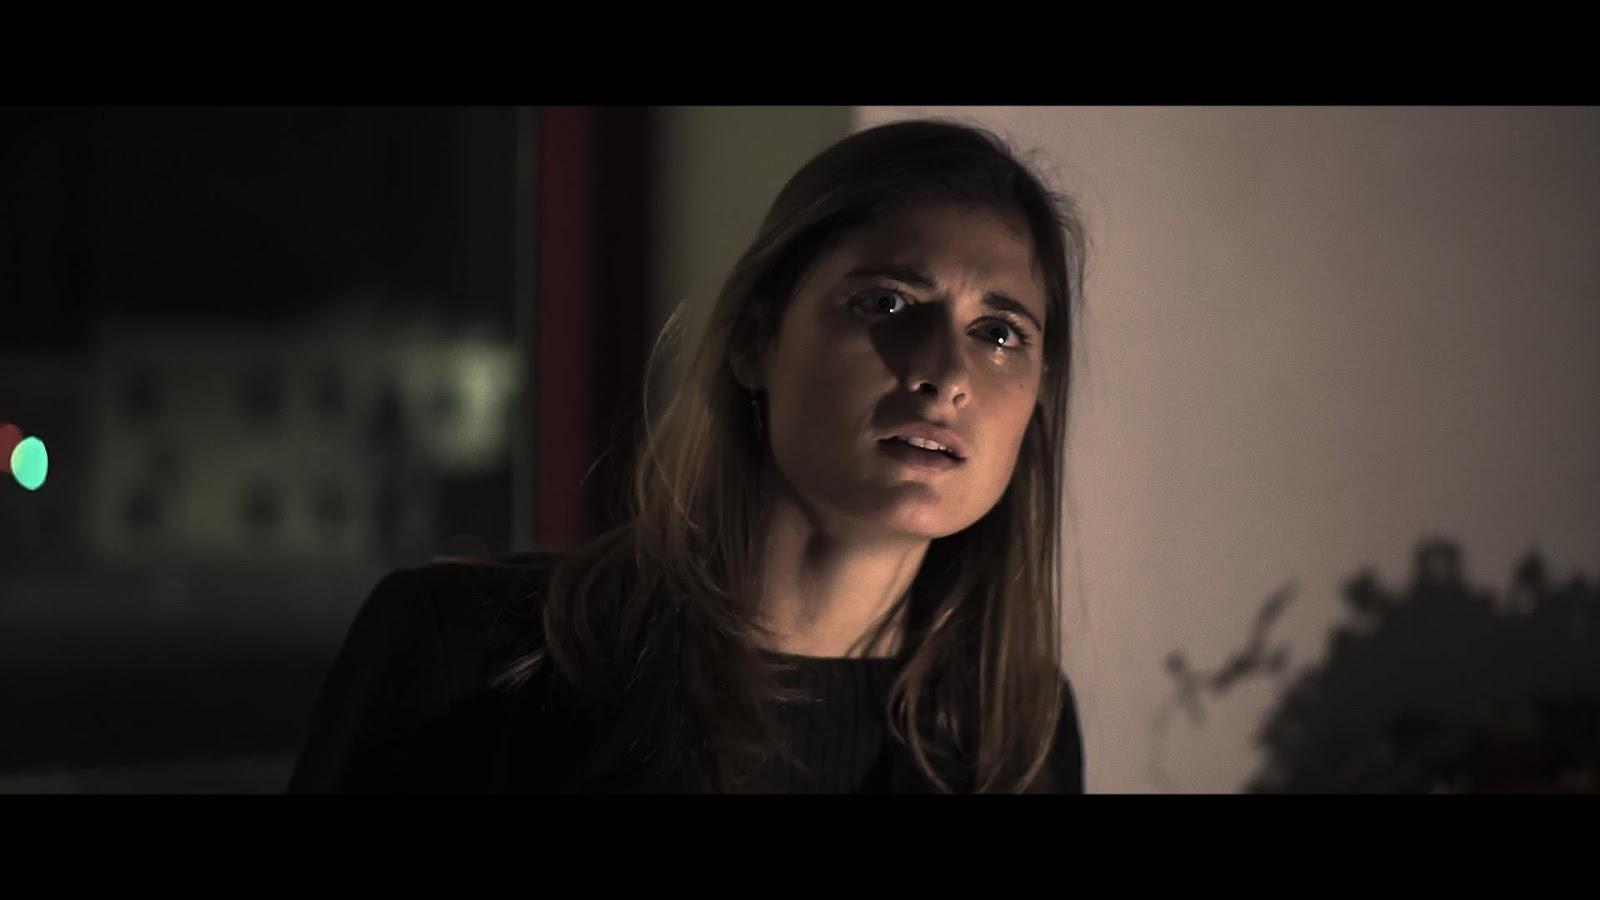 [NEWS] La locandina di Khalimbu, il corto di Nicola Pegg per After Midnight 2